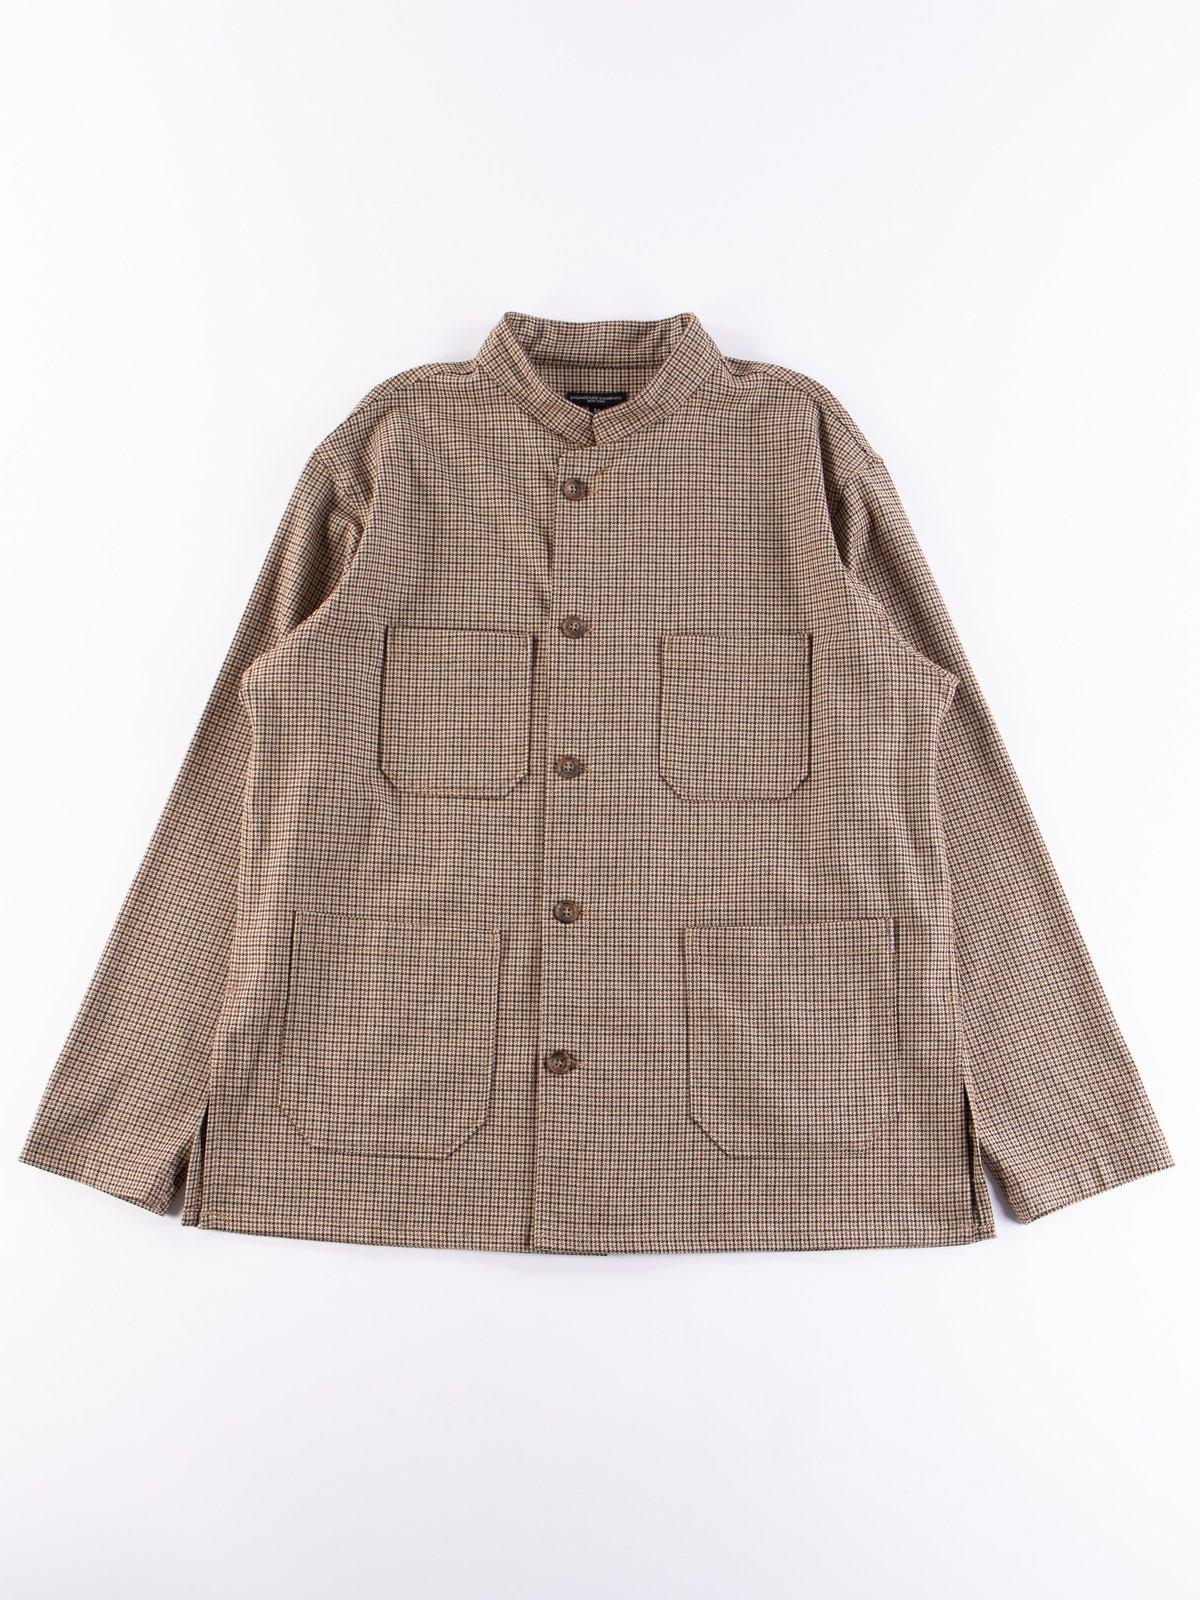 Brown Wool Poly Gunclub Dayton Shirt - Image 1